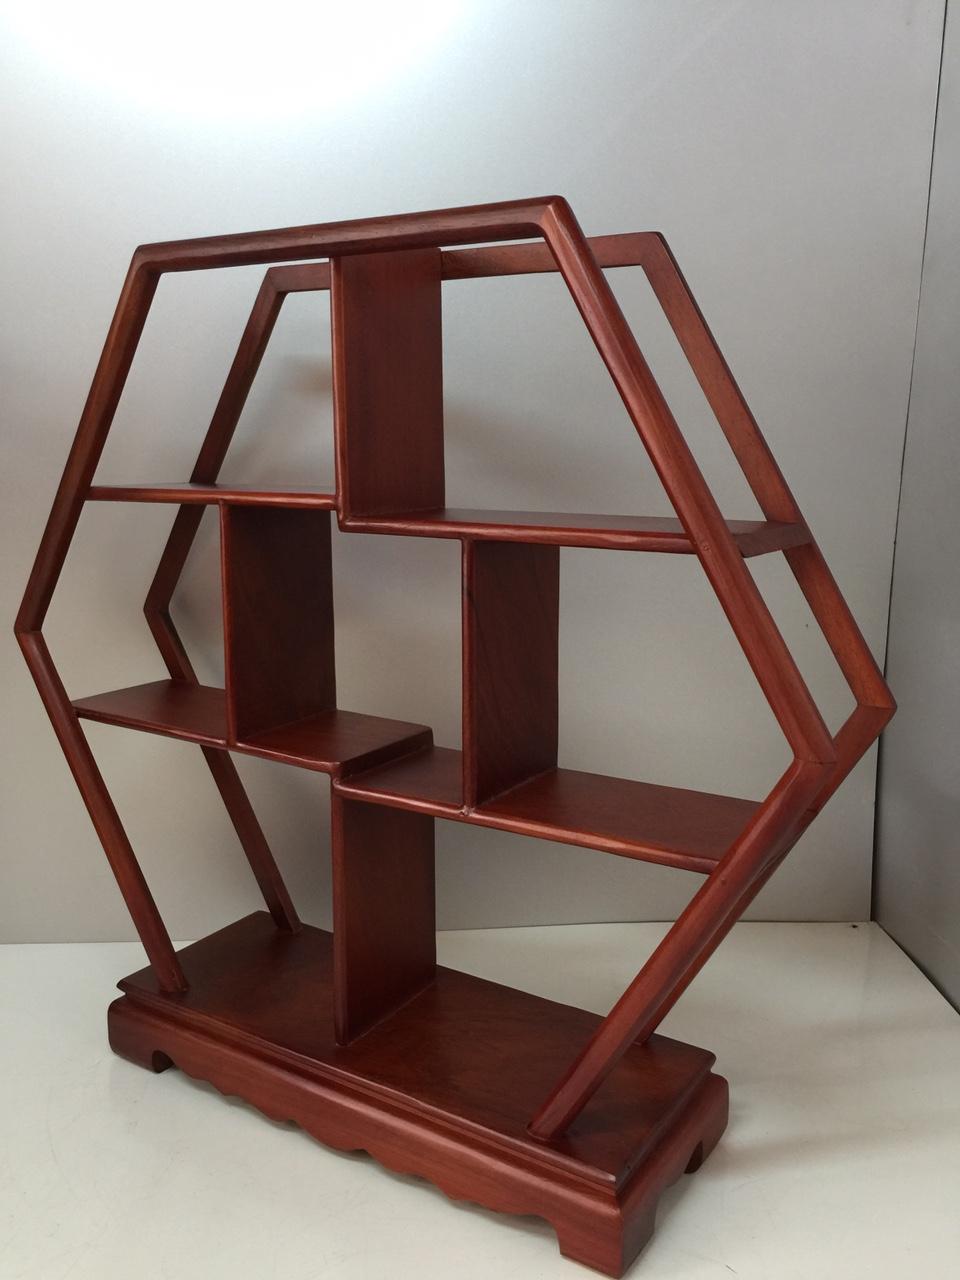 Kệ gỗ trang trí ( gỗ gỏ đỏ)  - Ngang 45, sâu 11, cao 41 cm